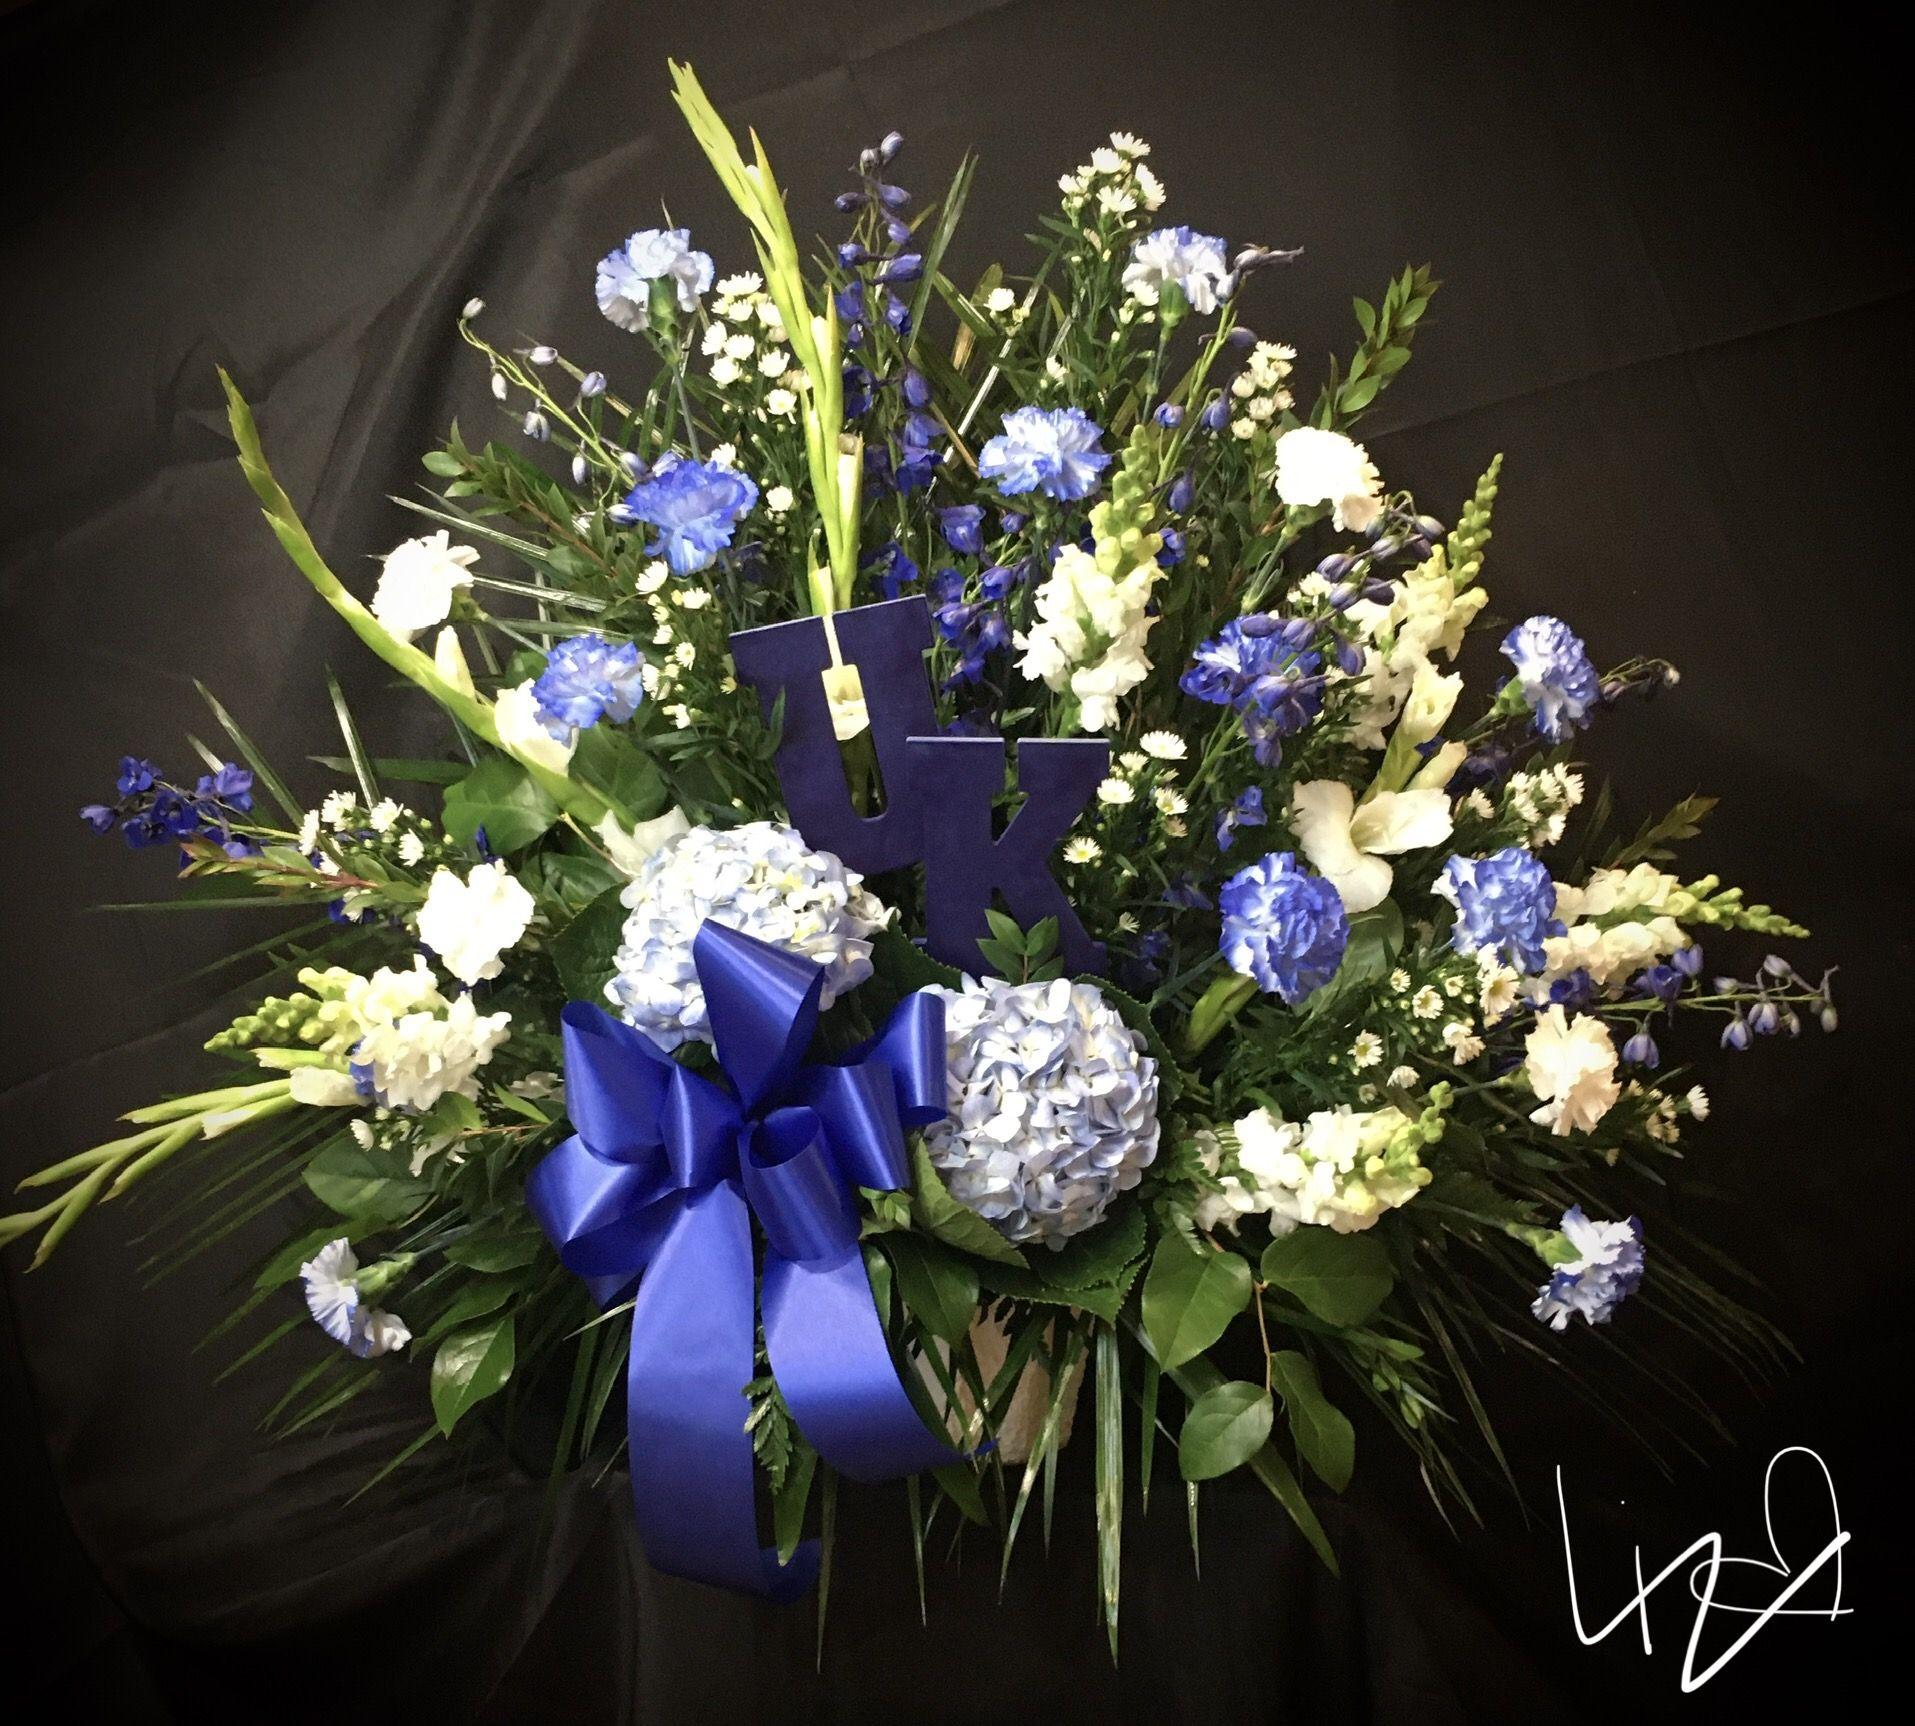 Uk Blue Fan Basket In 2020 Sympathy Flowers Flower Delivery White Carnation